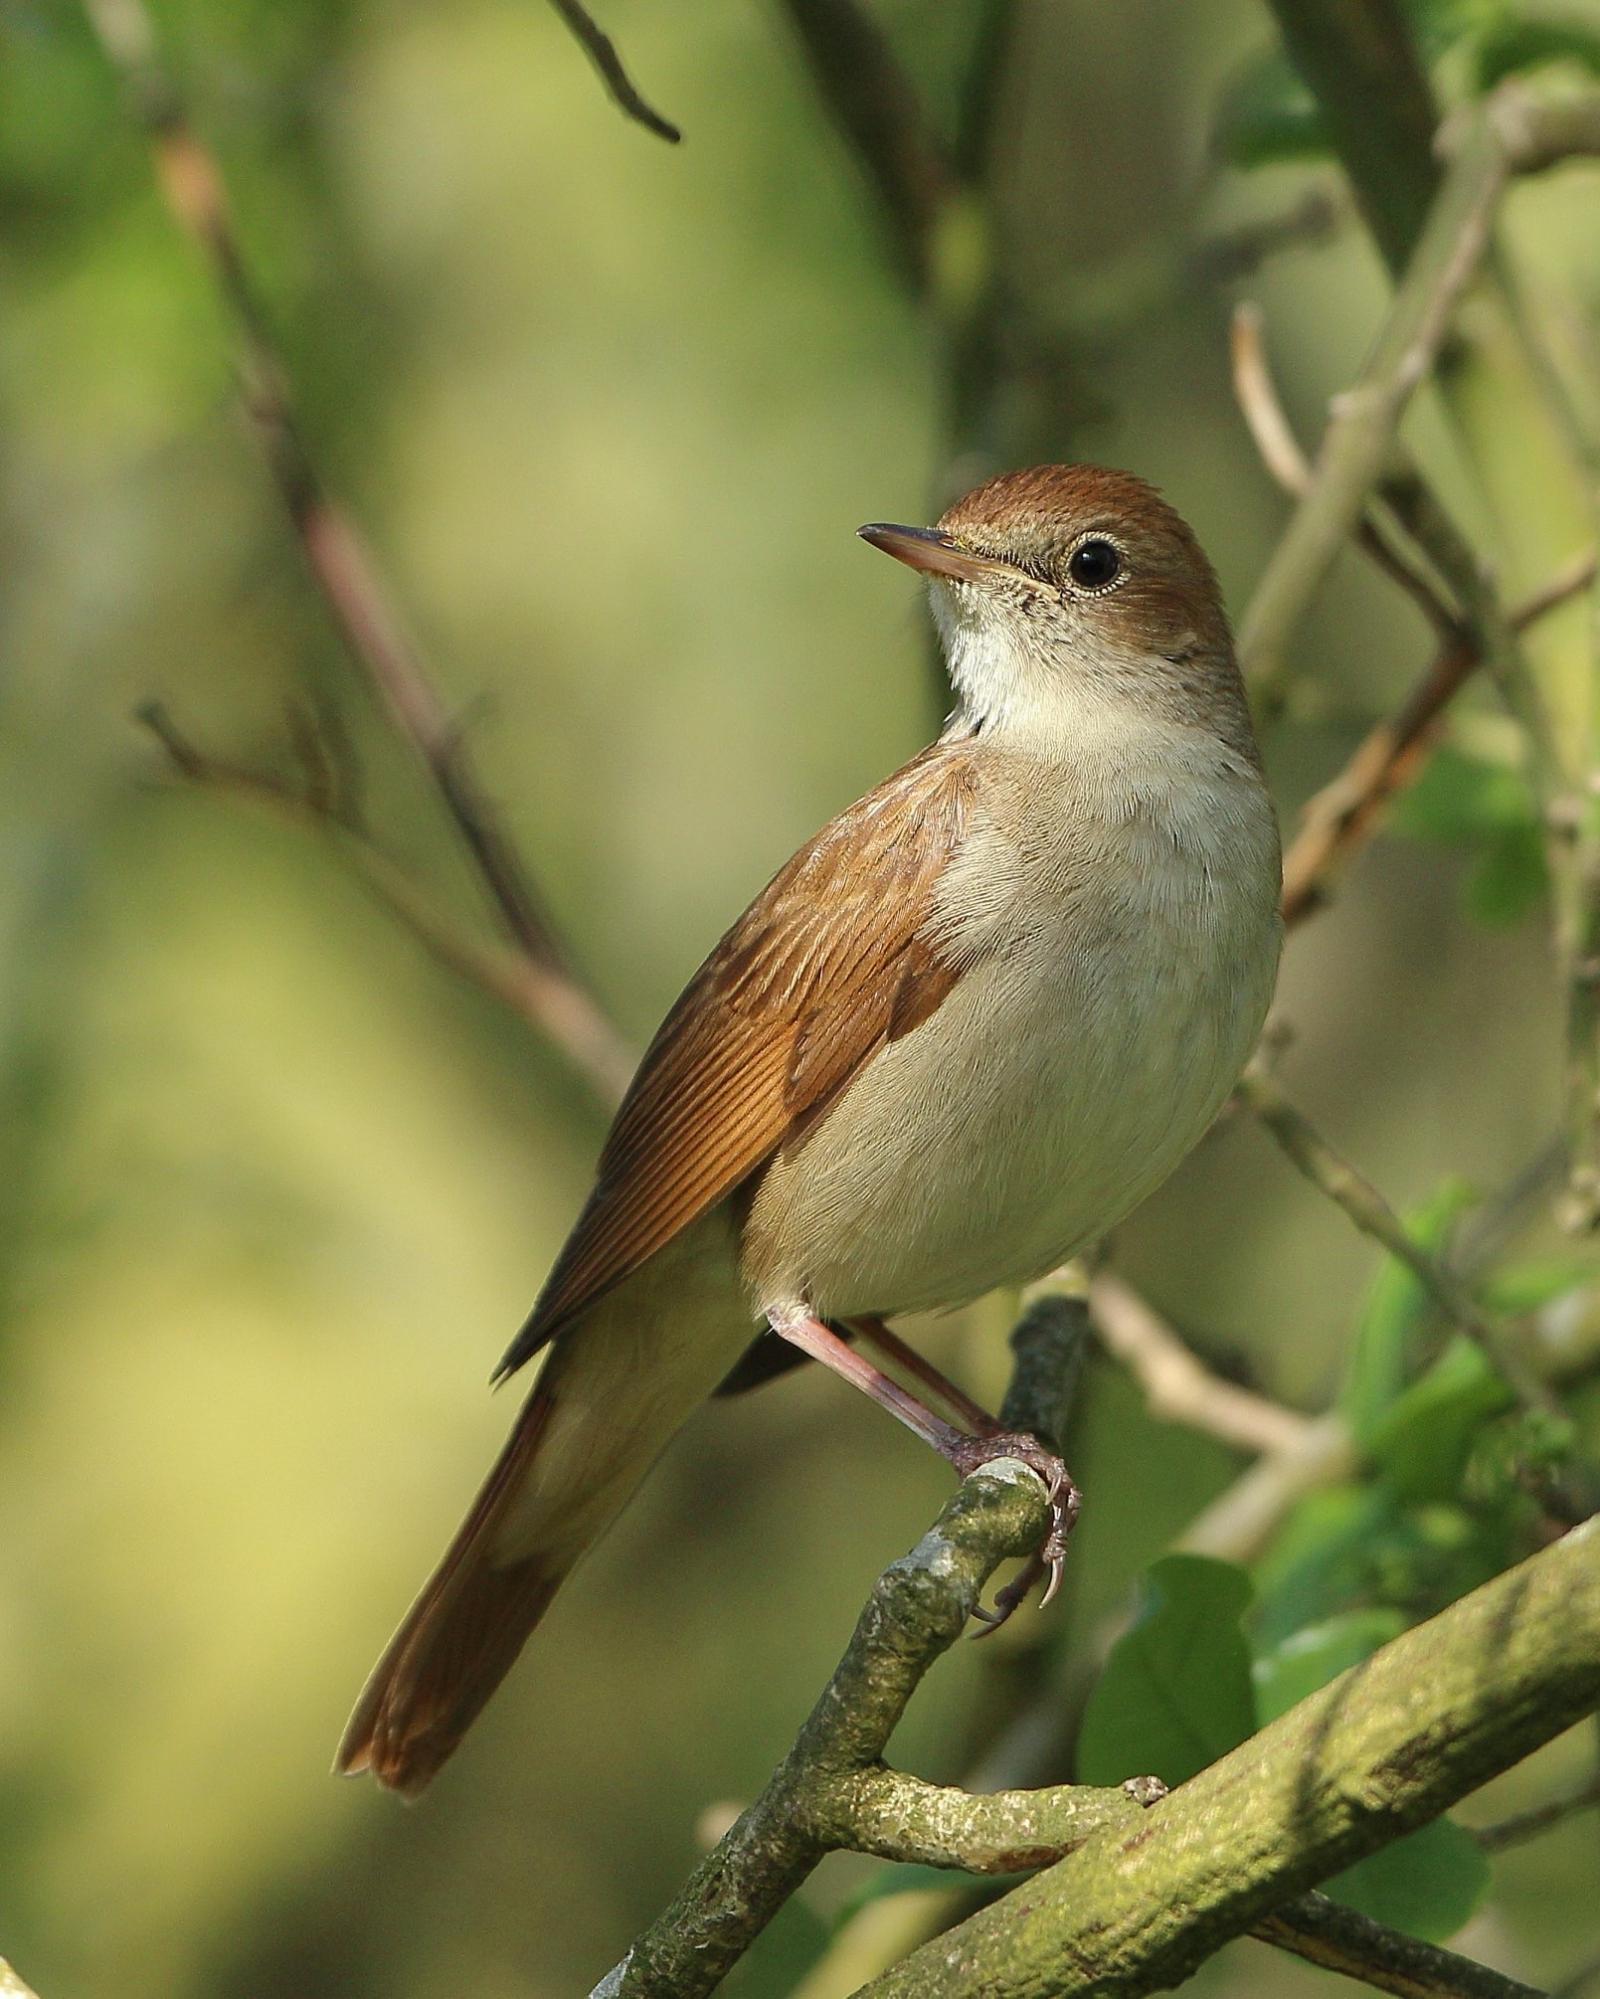 vroege vogels foto vogels nachtegaal